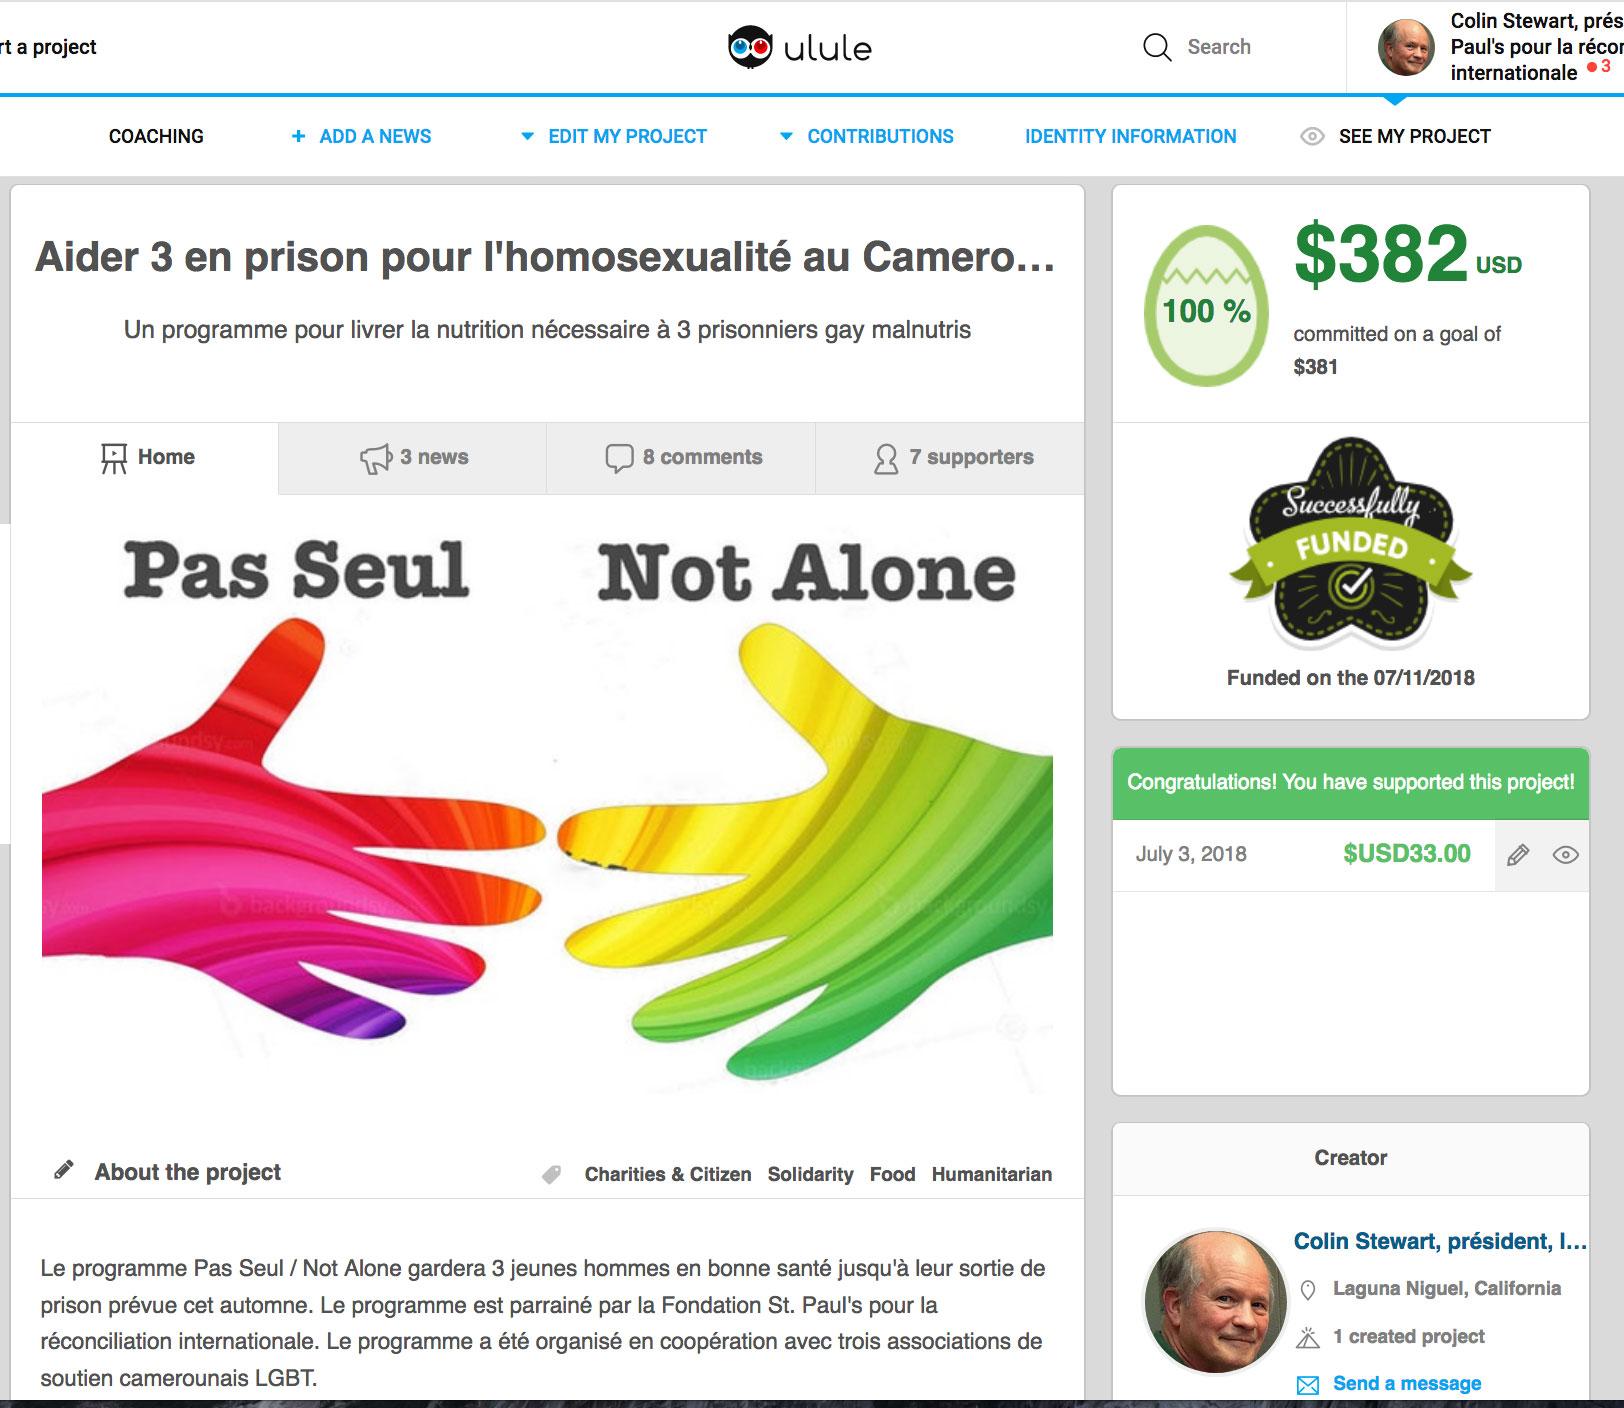 Merci, chers donateurs qui aident 3 victimes de l'homophobie